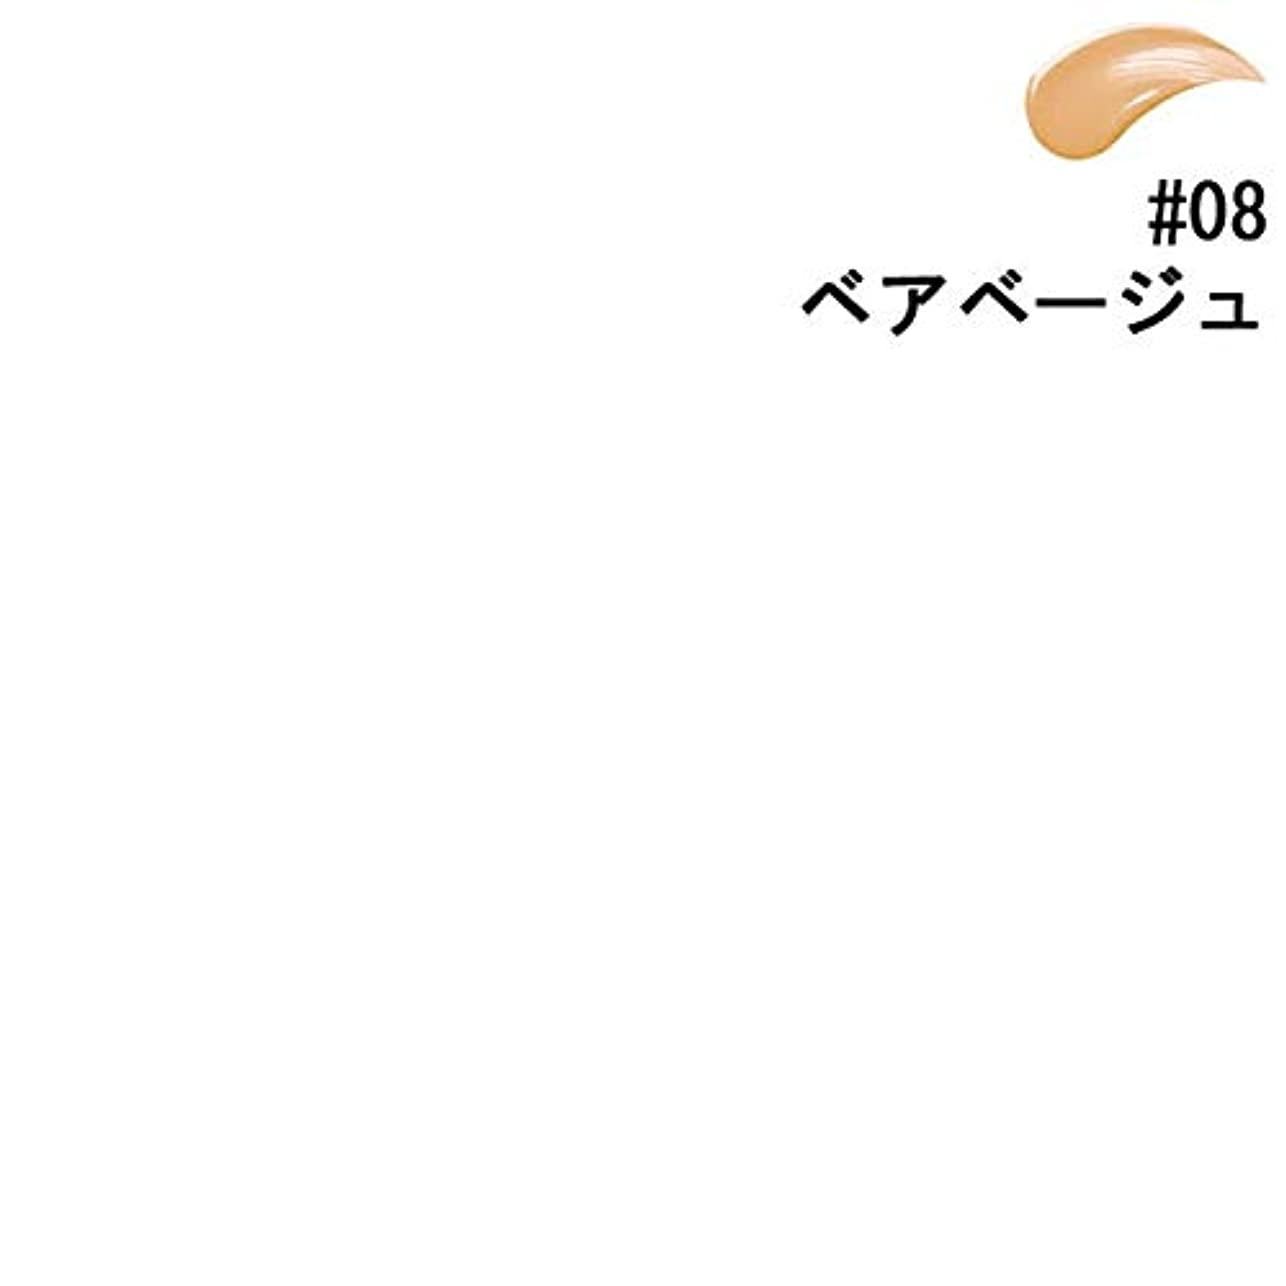 分解する欠陥選出する【ベアミネラル】ベアミネラル ベア ファンデーション #08 ベアベージュ 30ml [並行輸入品]